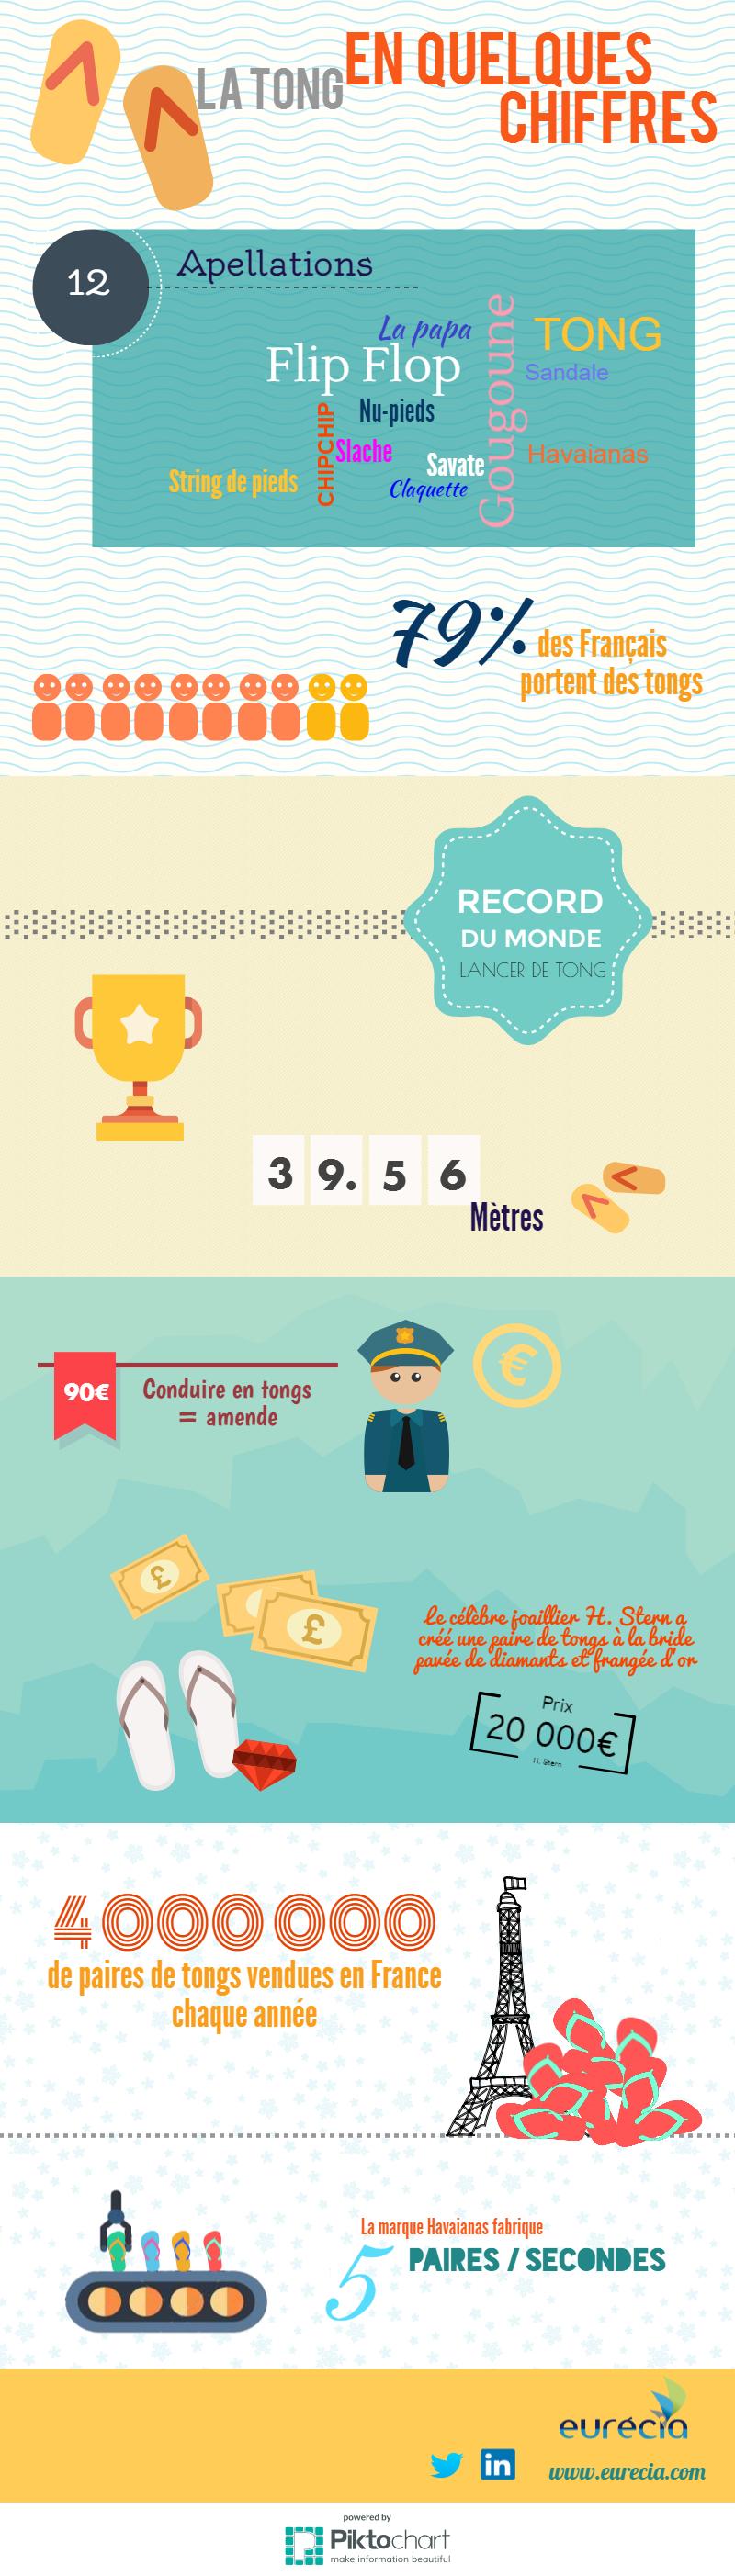 Infographie : la tong en quelques chiffres